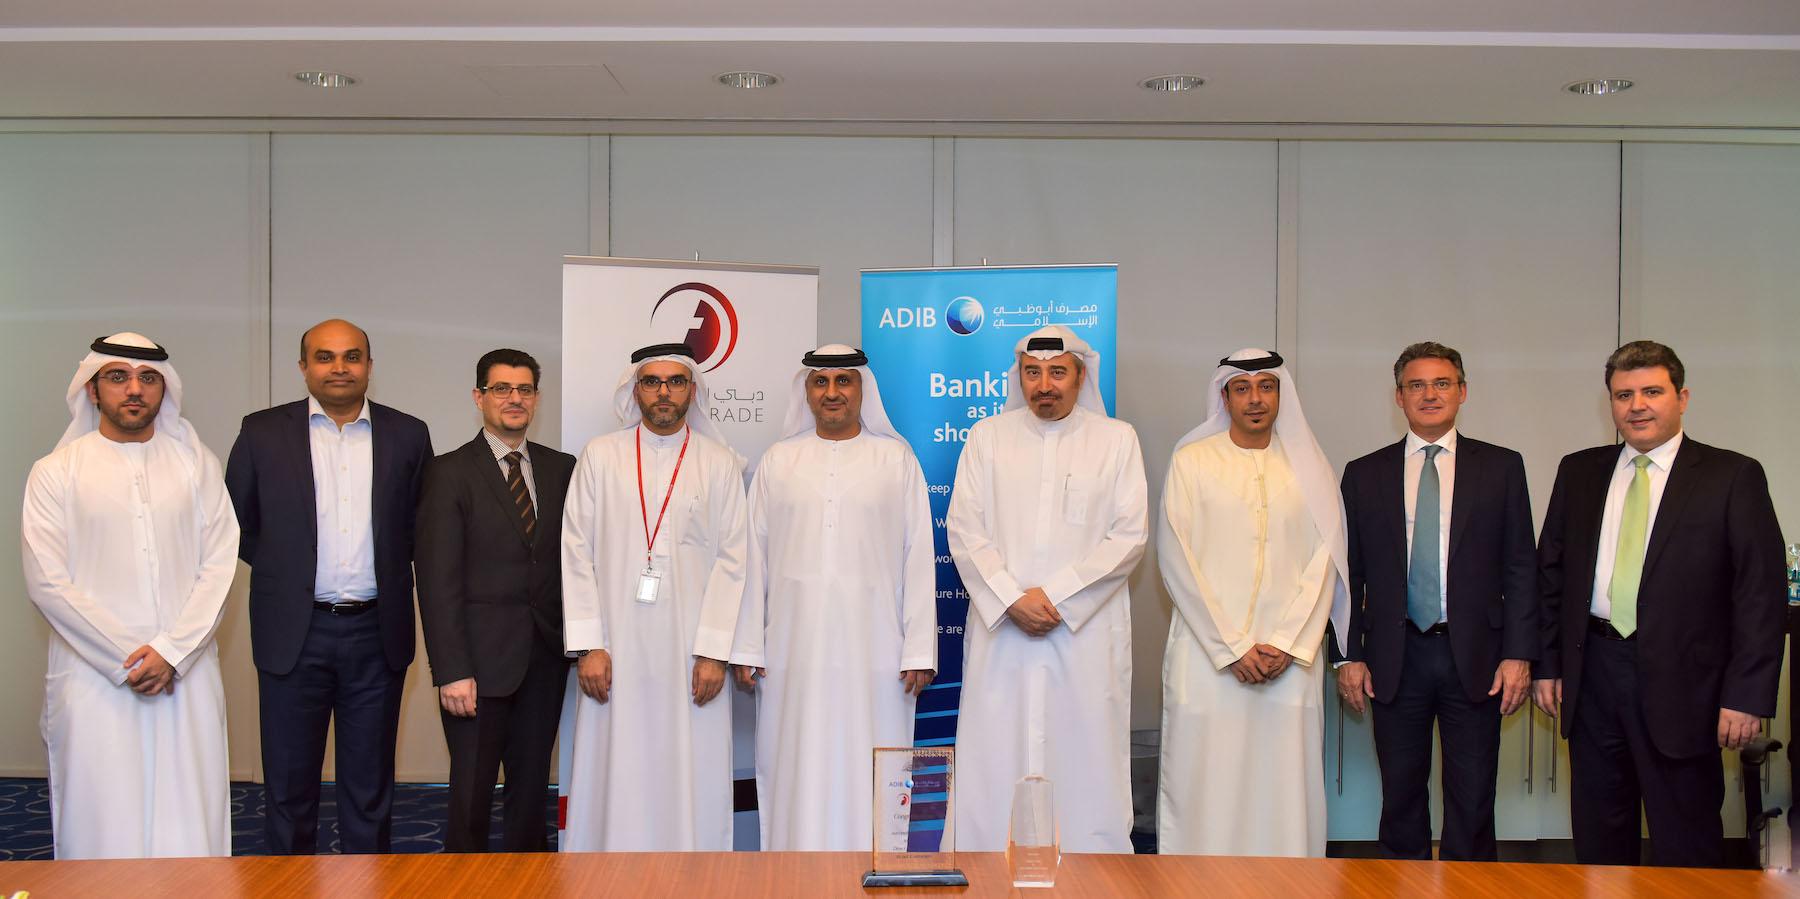 شراكة بين دبي التجارية وأبوظبي الاسلامي